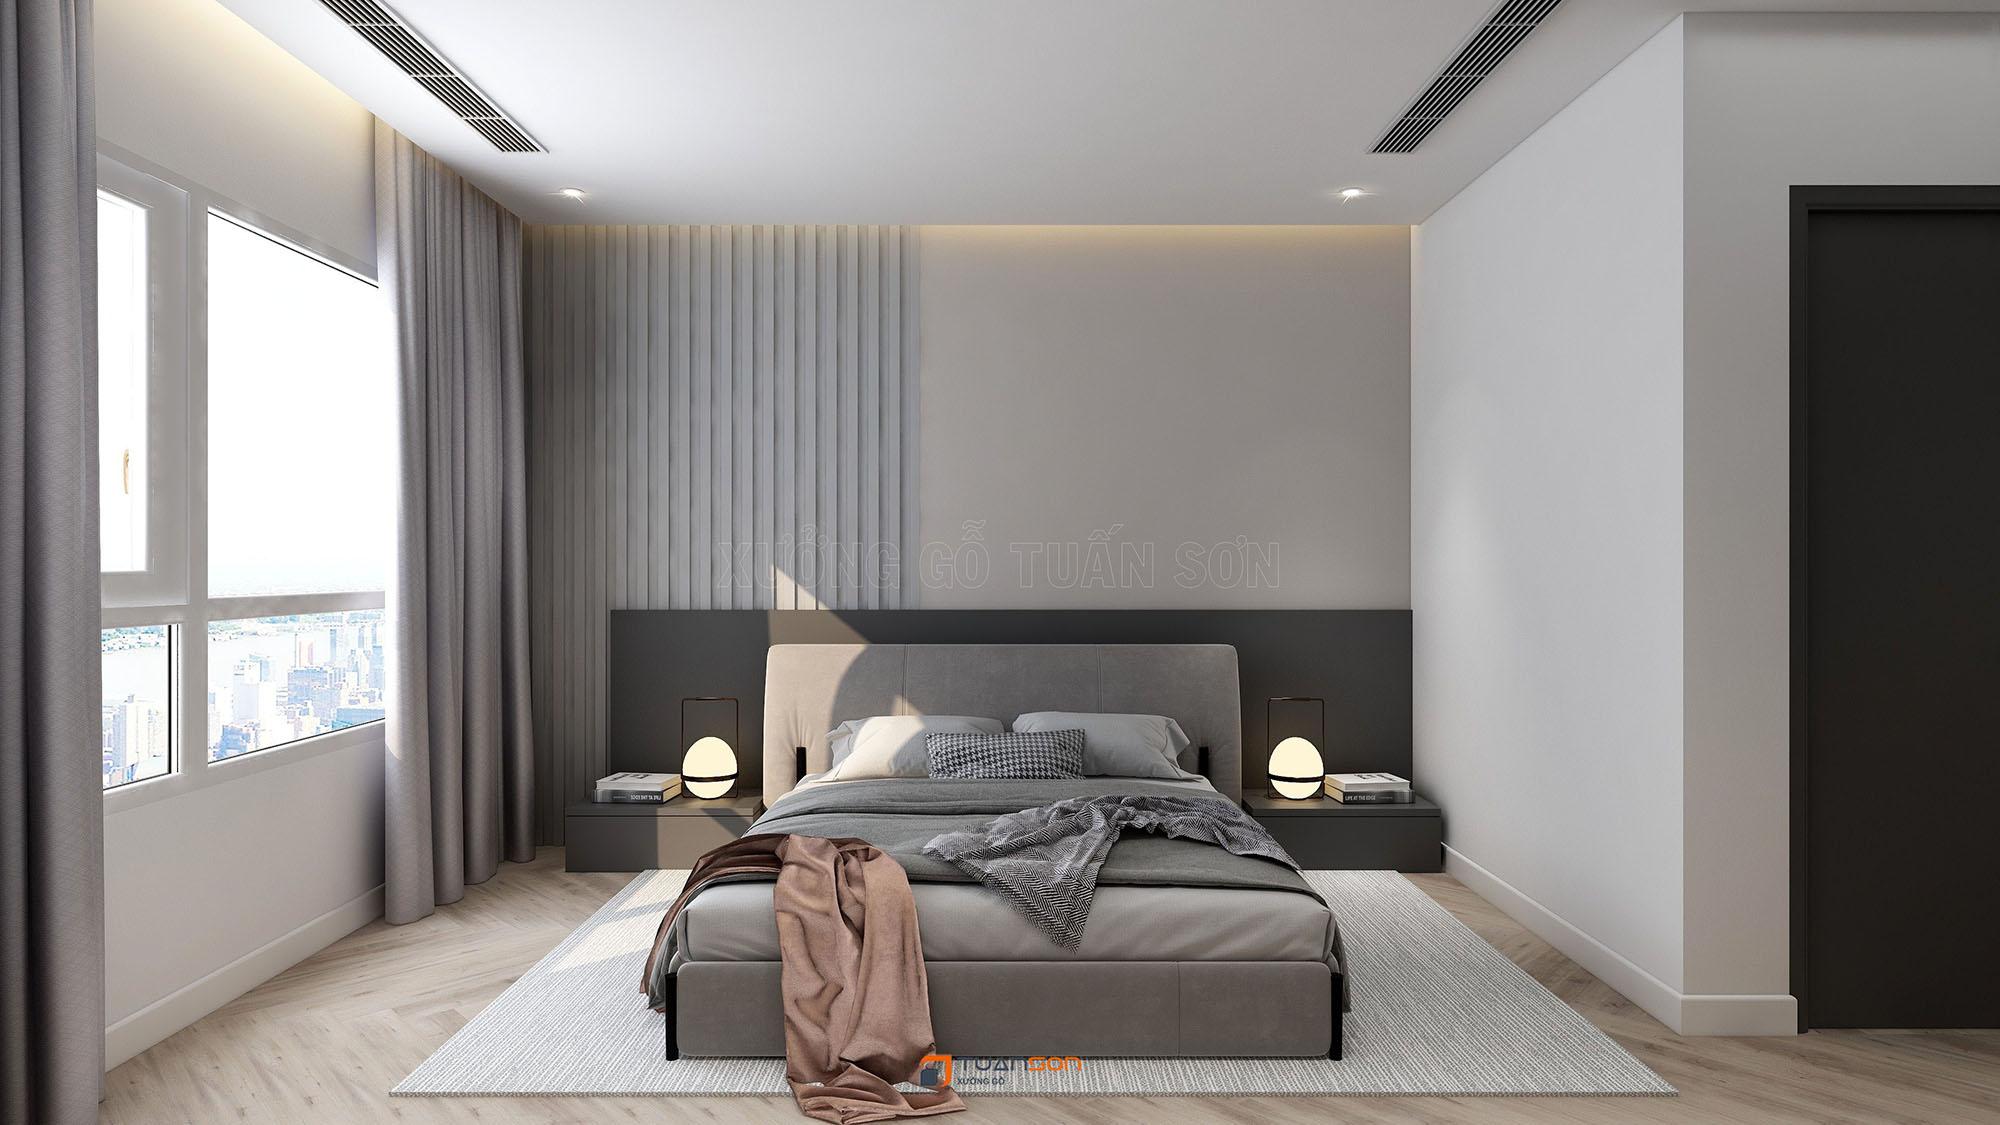 Thiết kế nội thất căn hộ 2PN The Tera An Hưng Tố Hữu